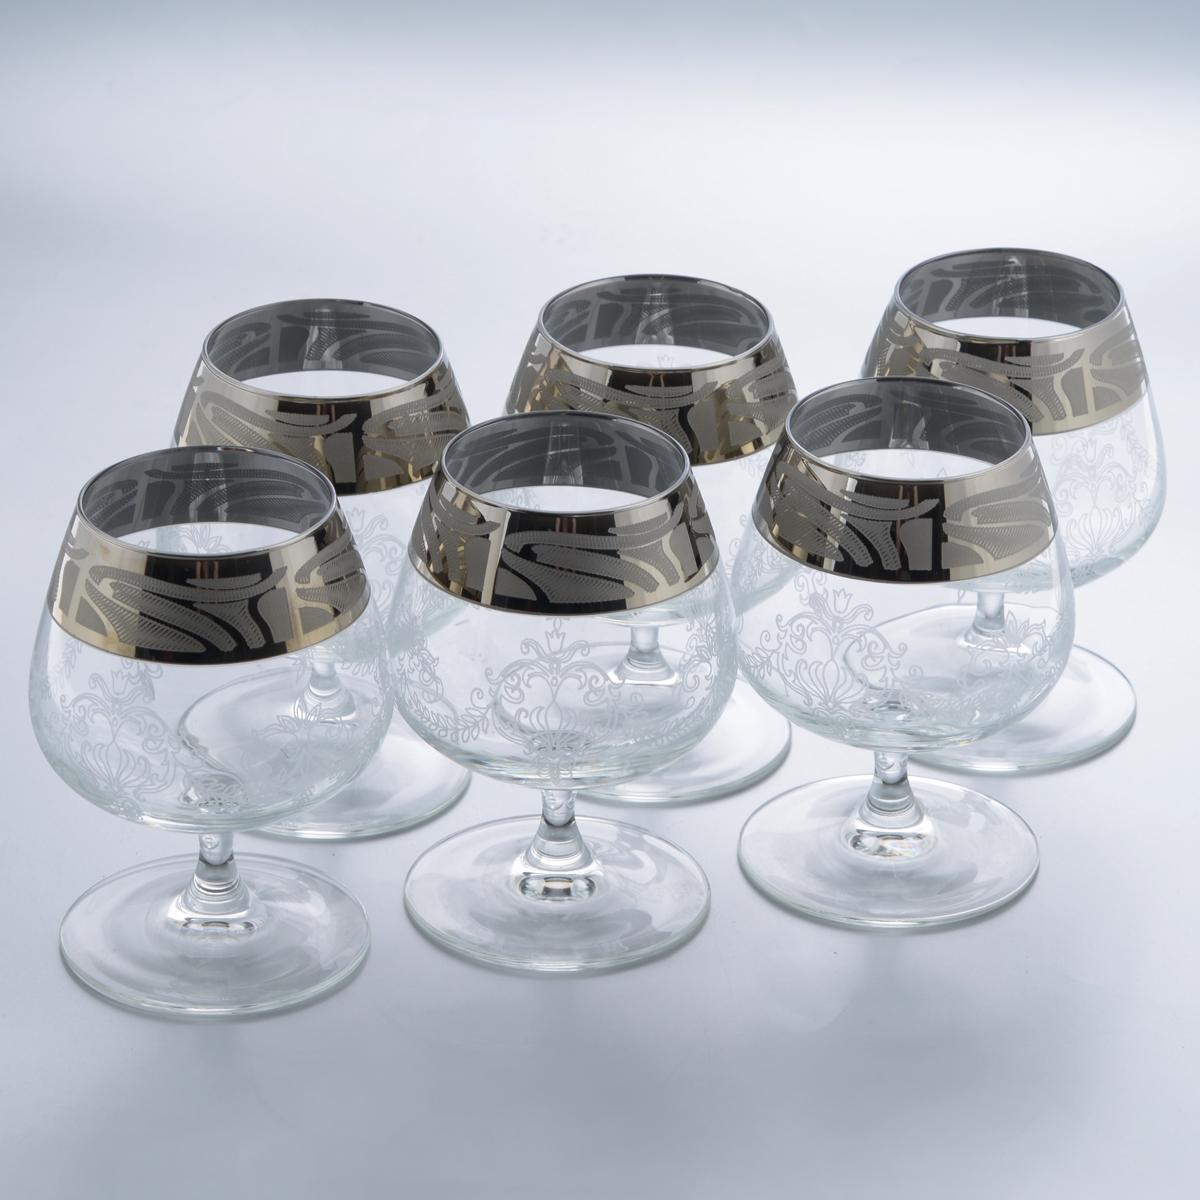 Набор бокалов для бренди Гусь-Хрустальный Мускат, 410 мл, 6 штVT-1520(SR)Набор Гусь-Хрустальный Мускат состоит из 6 бокалов на тонкой низкой ножке, изготовленных из высококачественного натрий-кальций-силикатного стекла. Изделия оформлены красивым зеркальным покрытием, широкой окантовкой с оригинальным узором и белым матовым орнаментом. Бокалы предназначены для подачи бренди. Такой набор прекрасно дополнит праздничный стол и станет желанным подарком в любом доме. Разрешается мыть в посудомоечной машине. Диаметр бокала (по верхнему краю): 6,3 см. Высота бокала: 13 см. Диаметр основания бокала: 8 см.